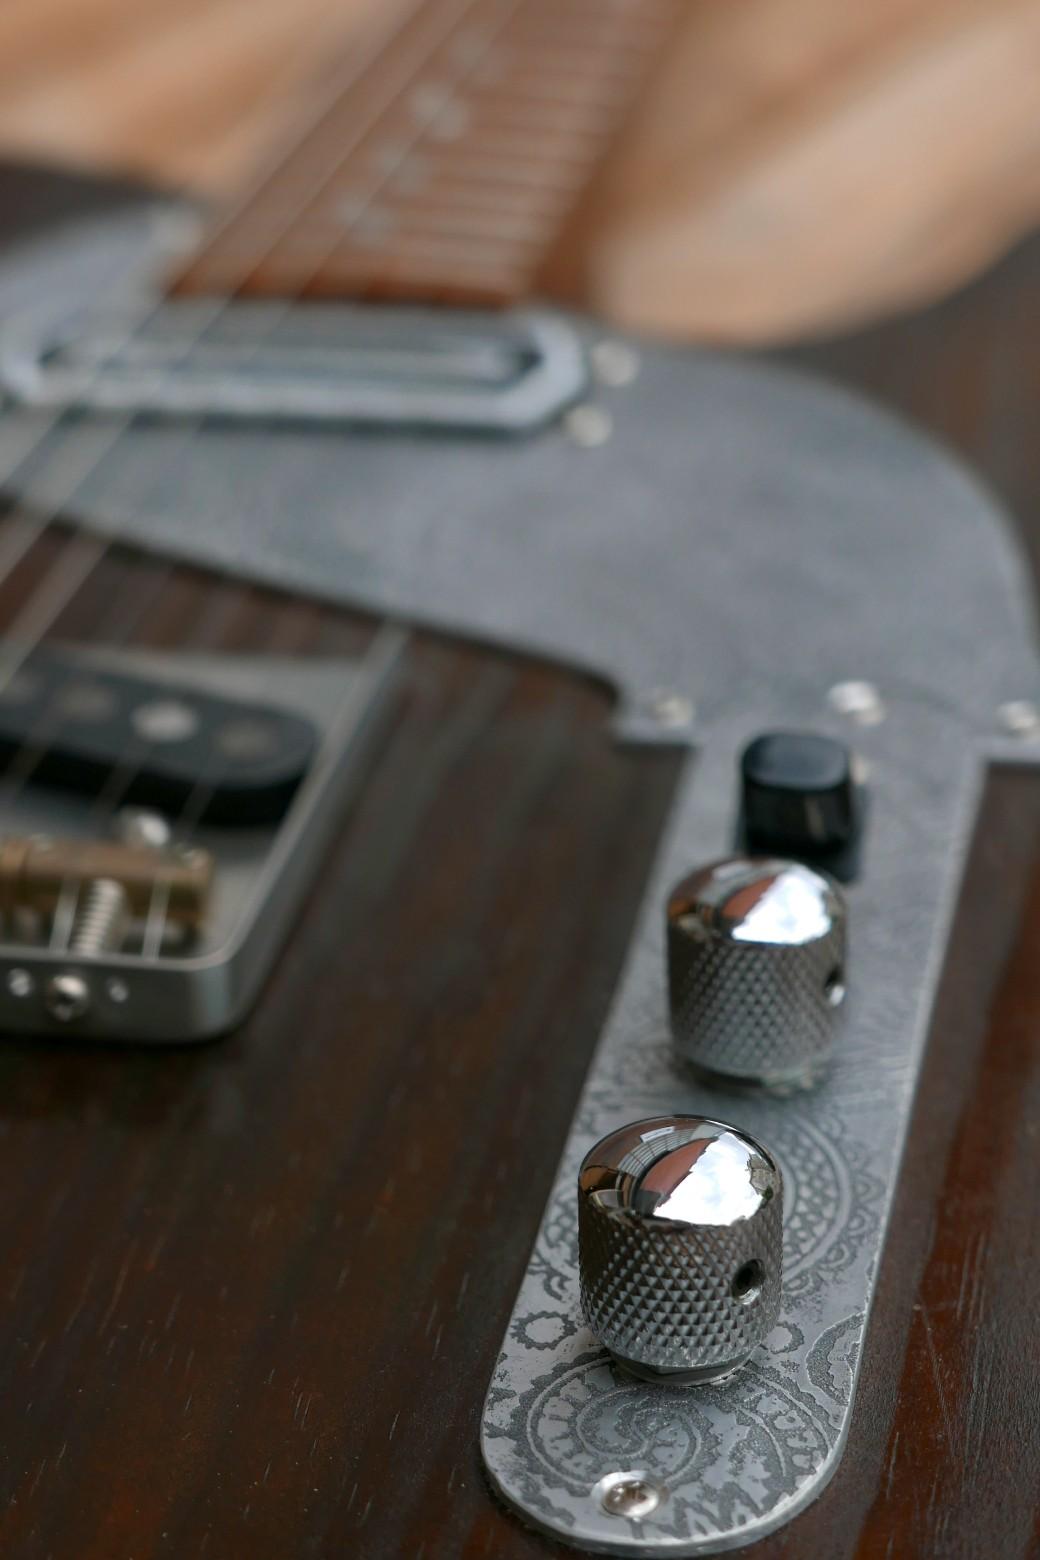 Selettore e controlli di una chitarra Telecaster